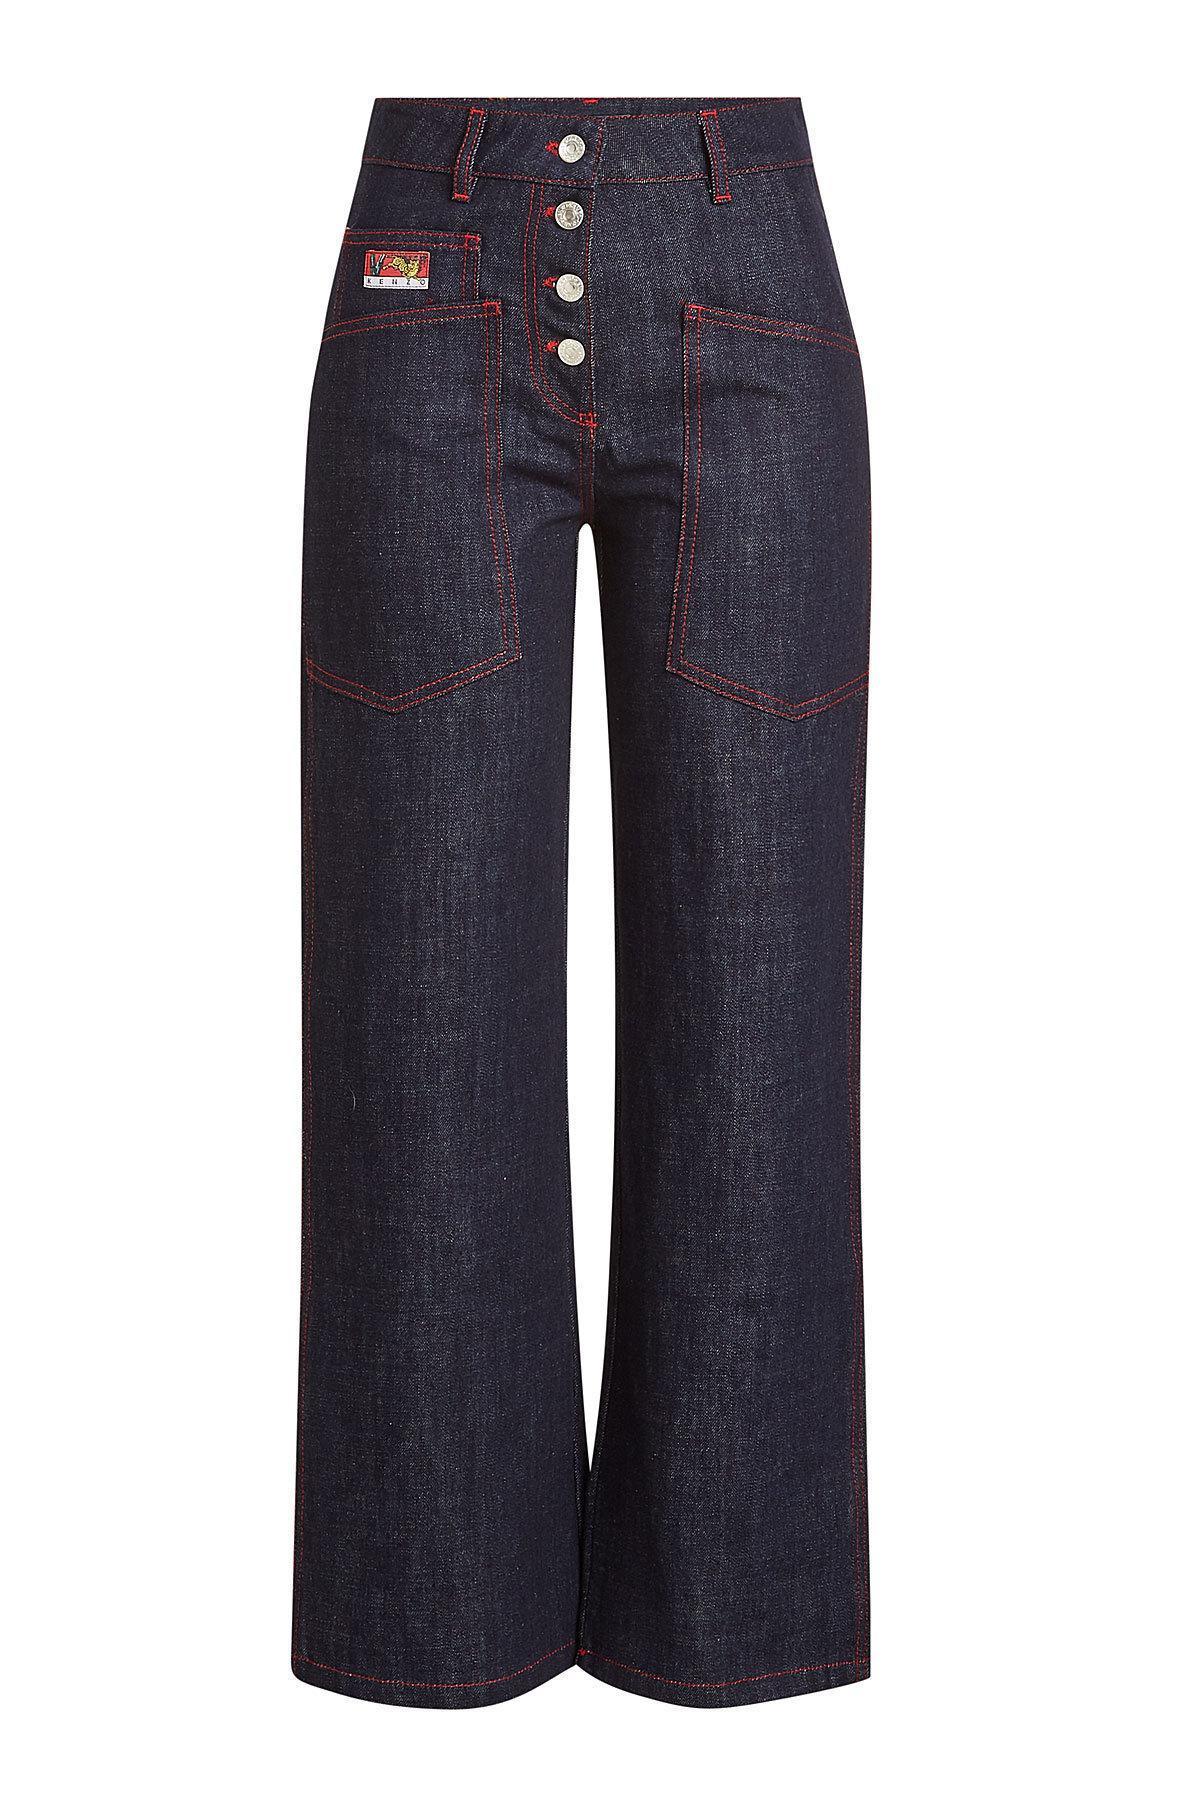 6425a21b Kenzo Wide-Leg Jeans In Blue | ModeSens